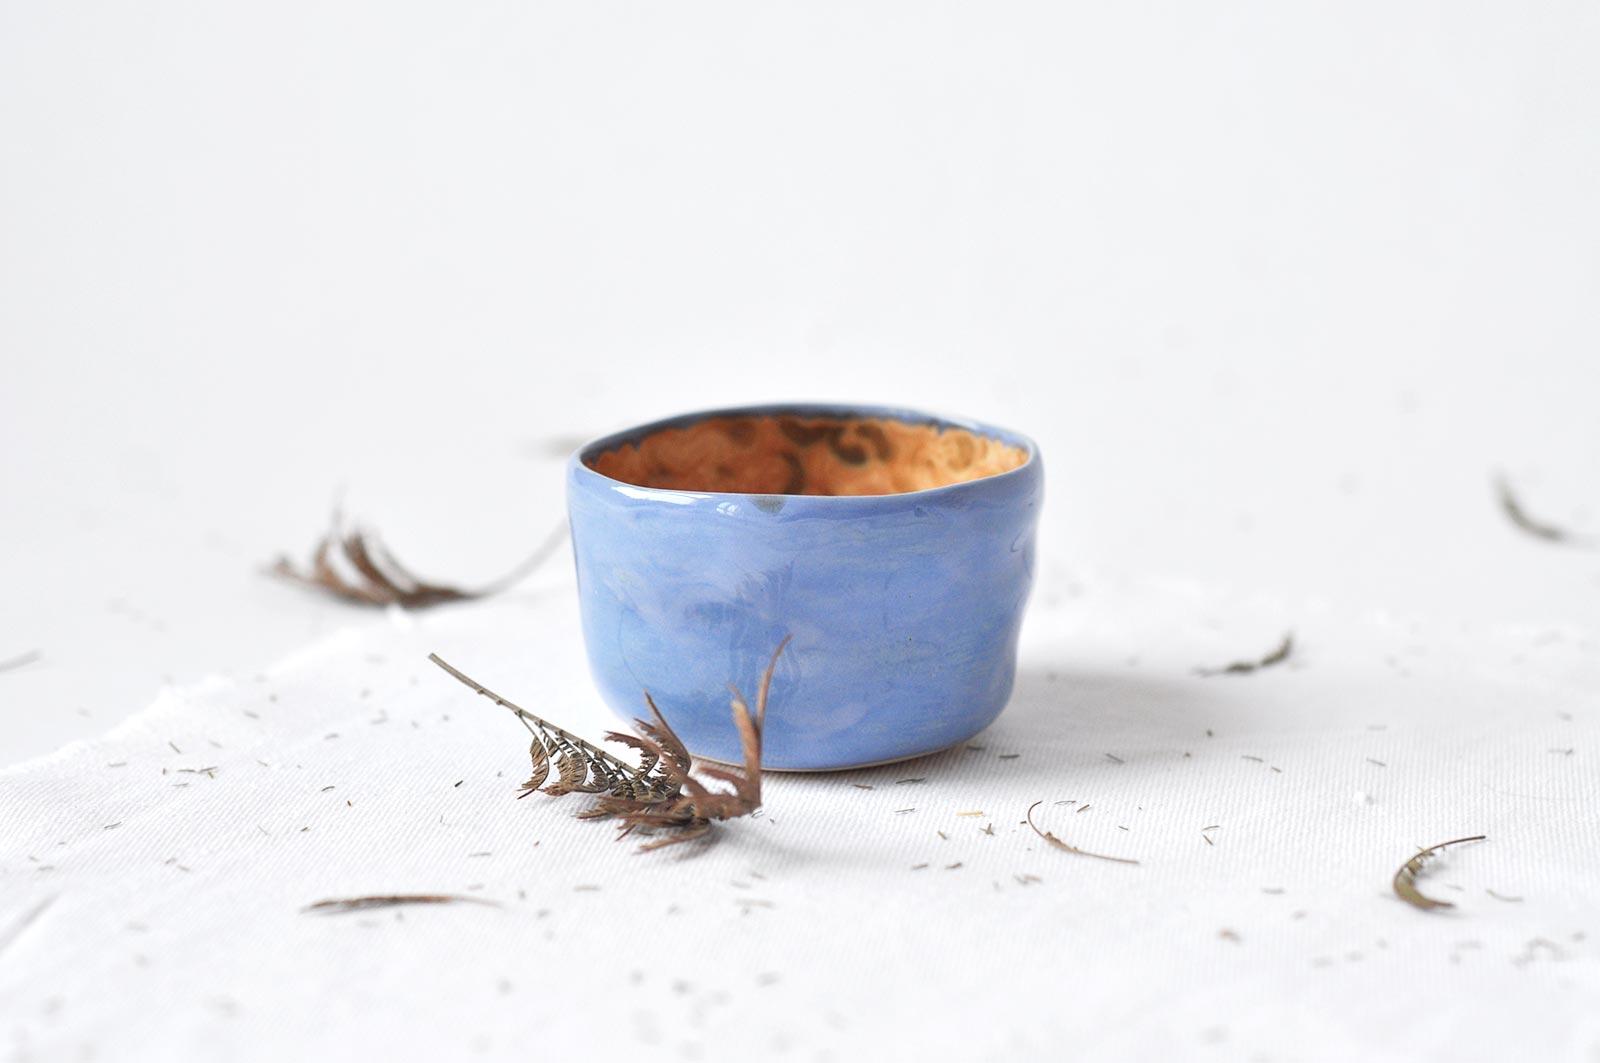 Вид сбоку - Небольшая пиала из керамики (Ручная работа)